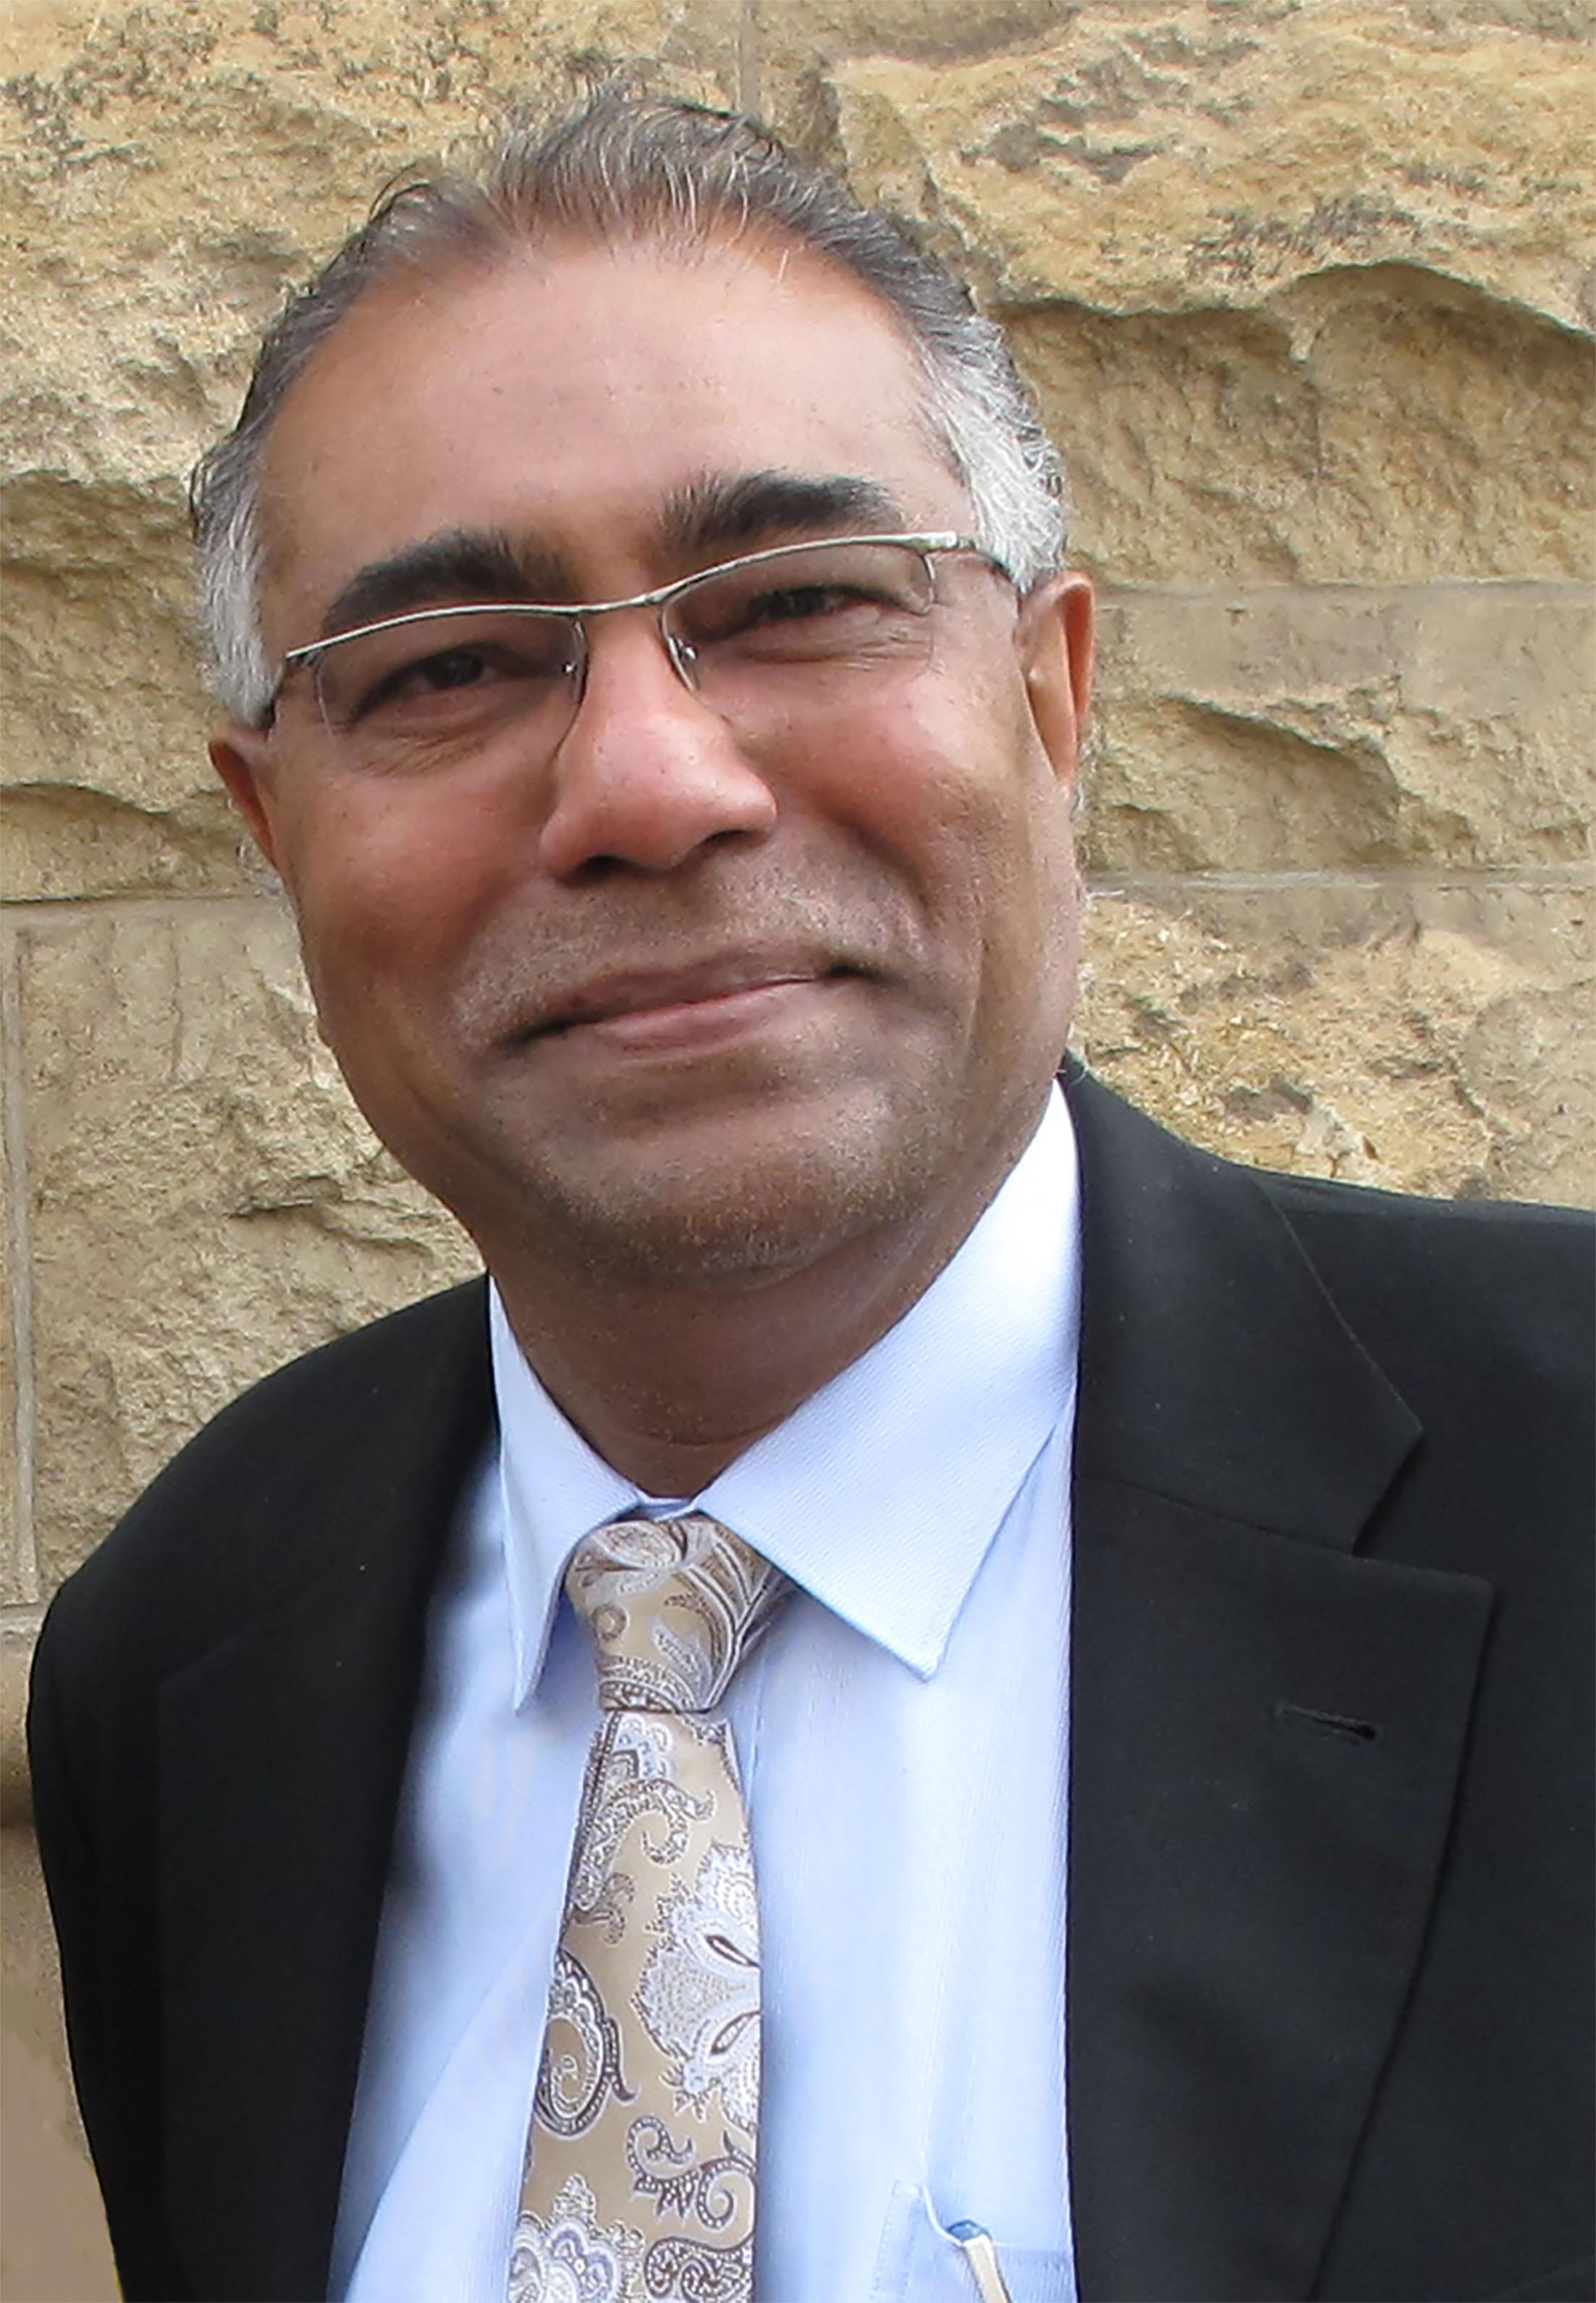 Associate Professor Sivakumar Alagumalai